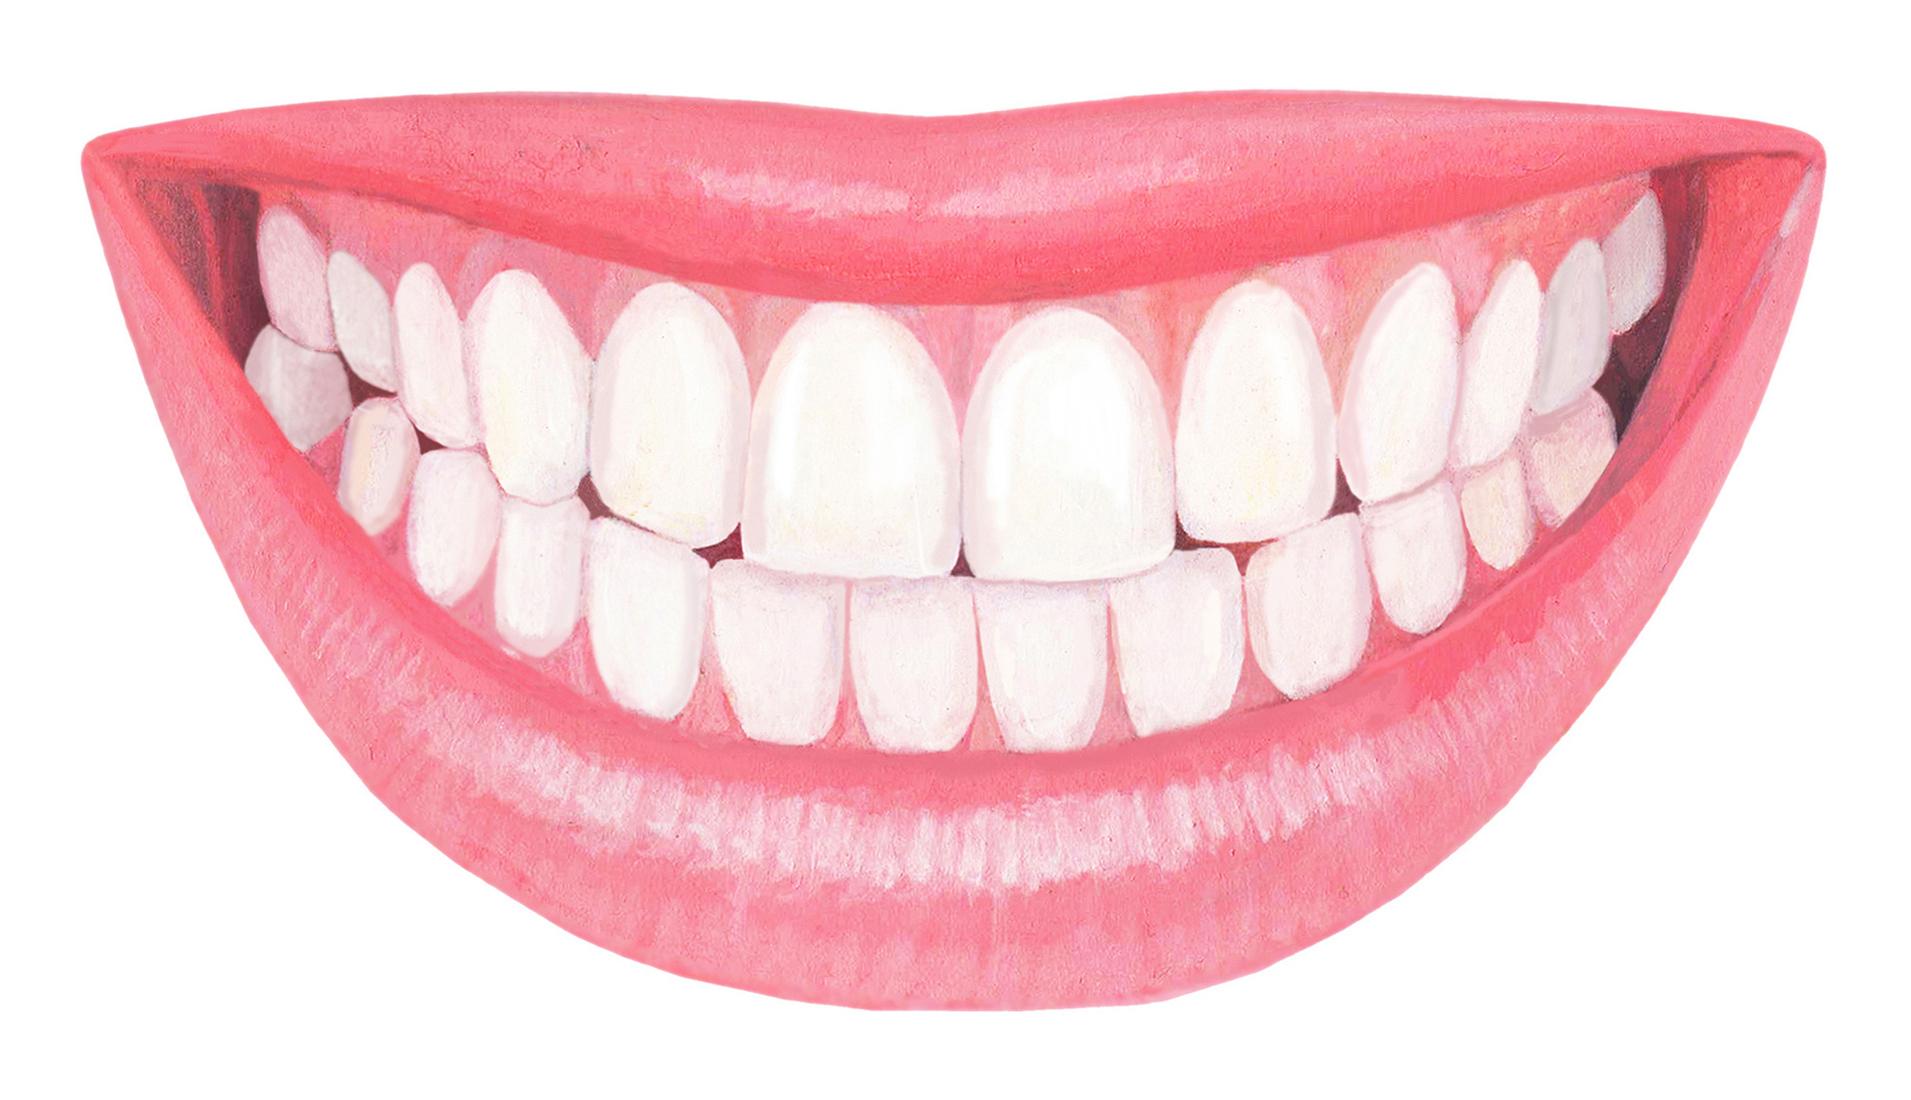 きれいな歯並びのリアルなイラスト